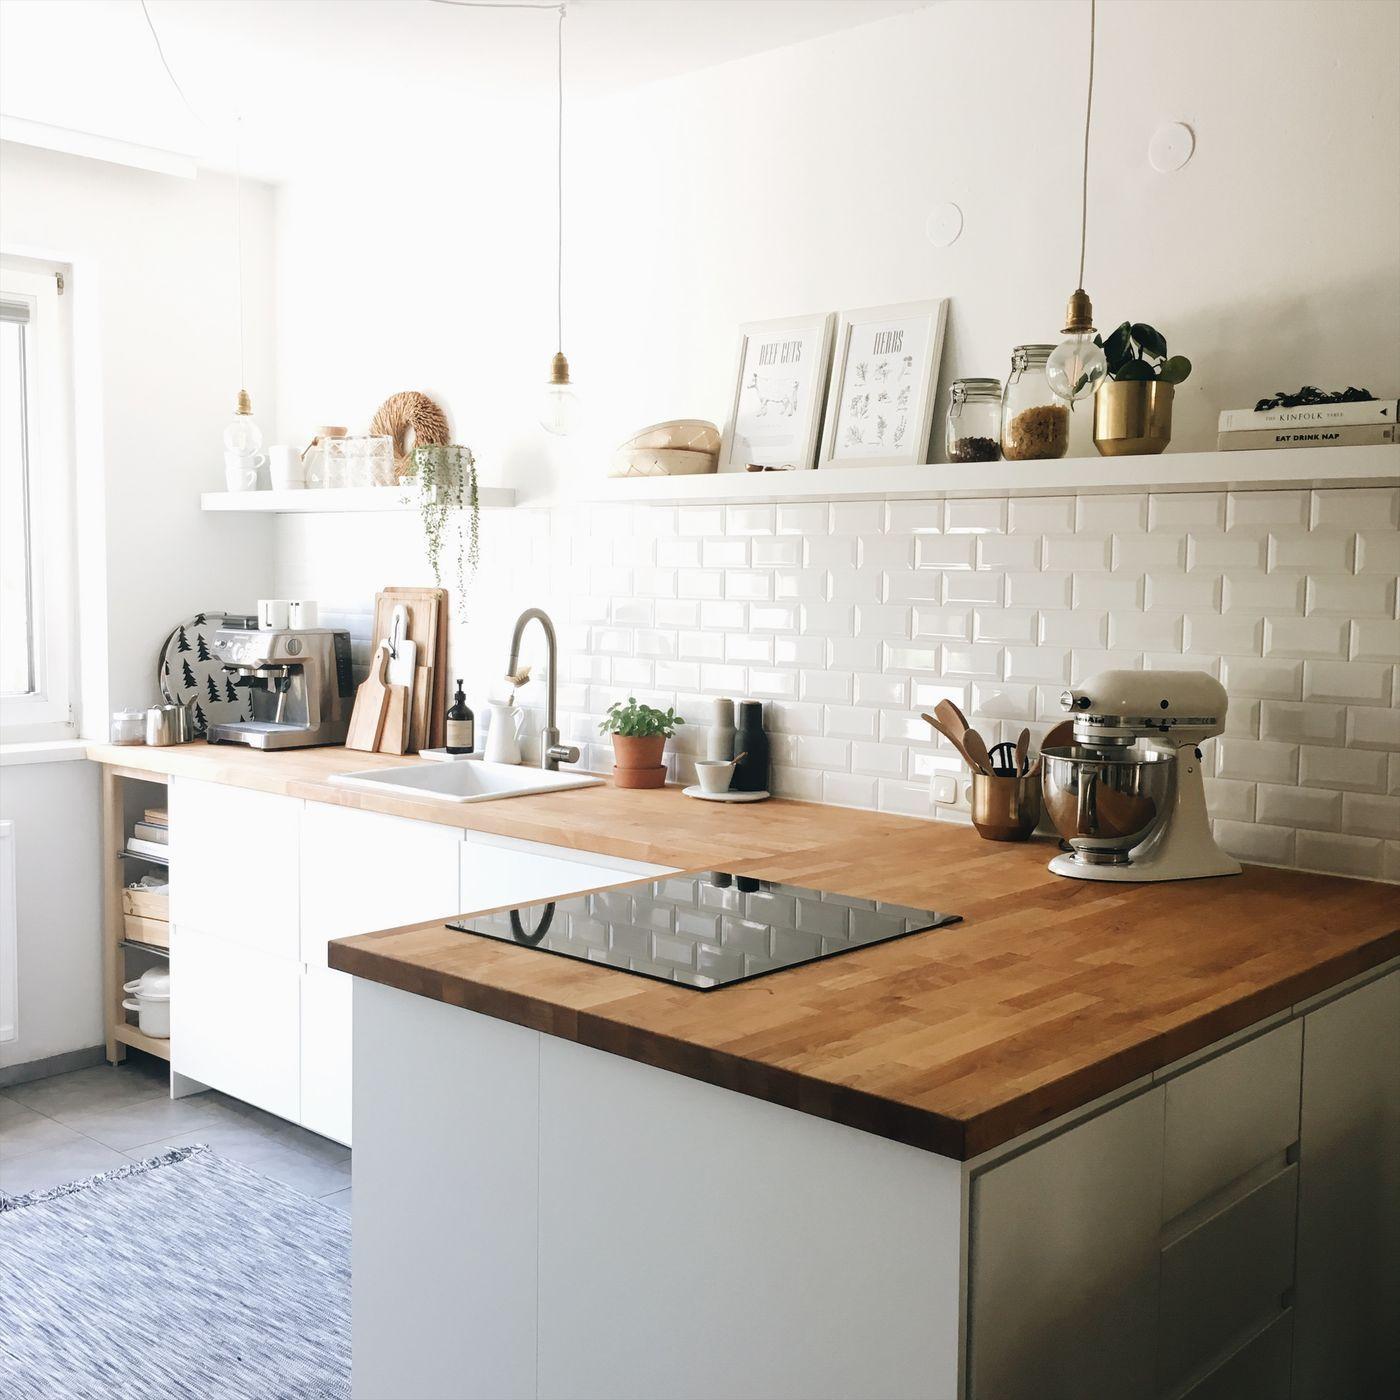 altbauwohnung einrichten sch ne ideen f r den altbau seite 50. Black Bedroom Furniture Sets. Home Design Ideas